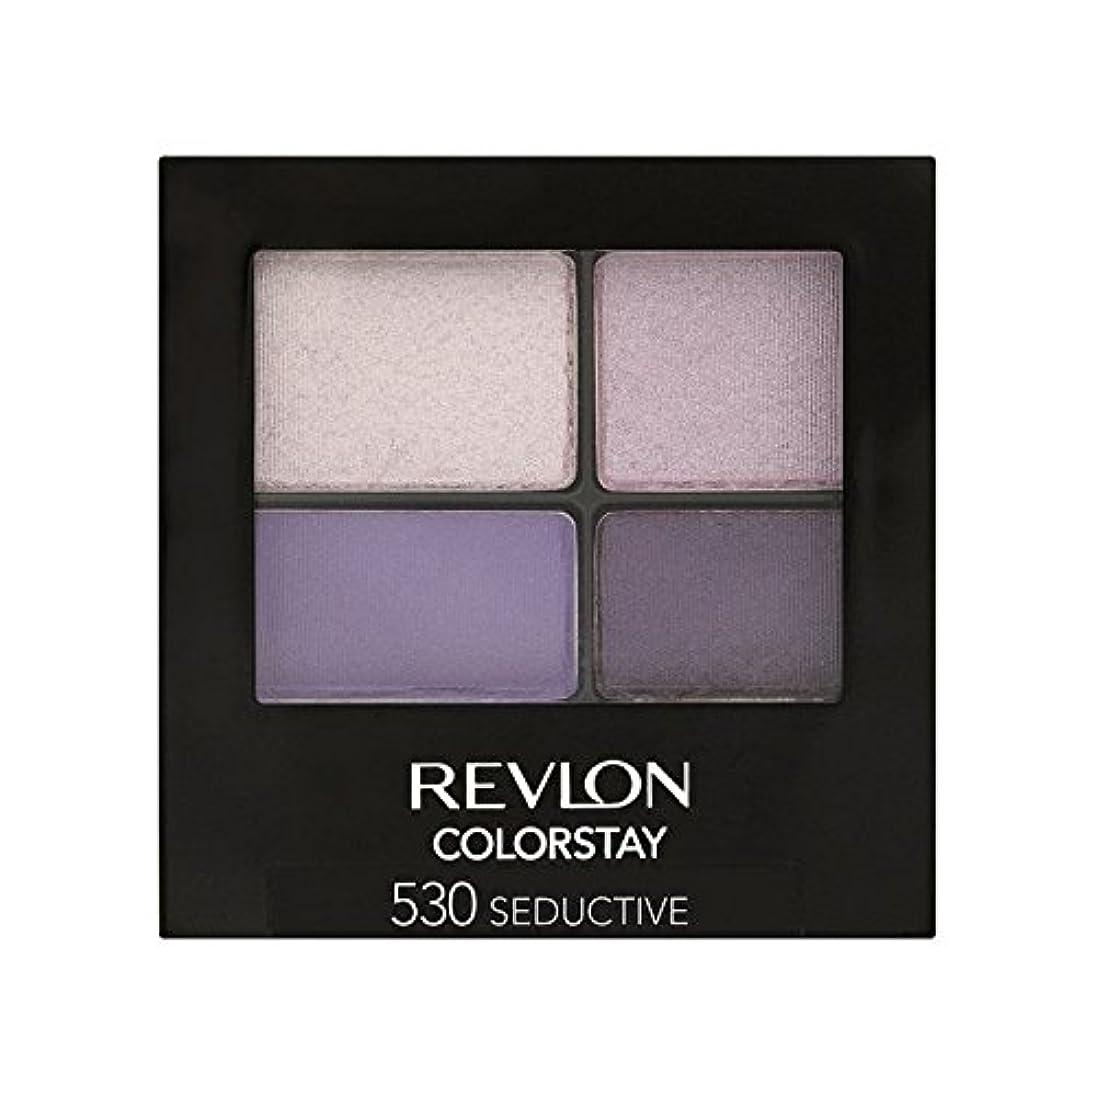 ブロックする発信抗議Revlon Colorstay 16 Hour Eye Shadow Seductive 530 - レブロンの 16時間アイシャドウ誘惑530 [並行輸入品]